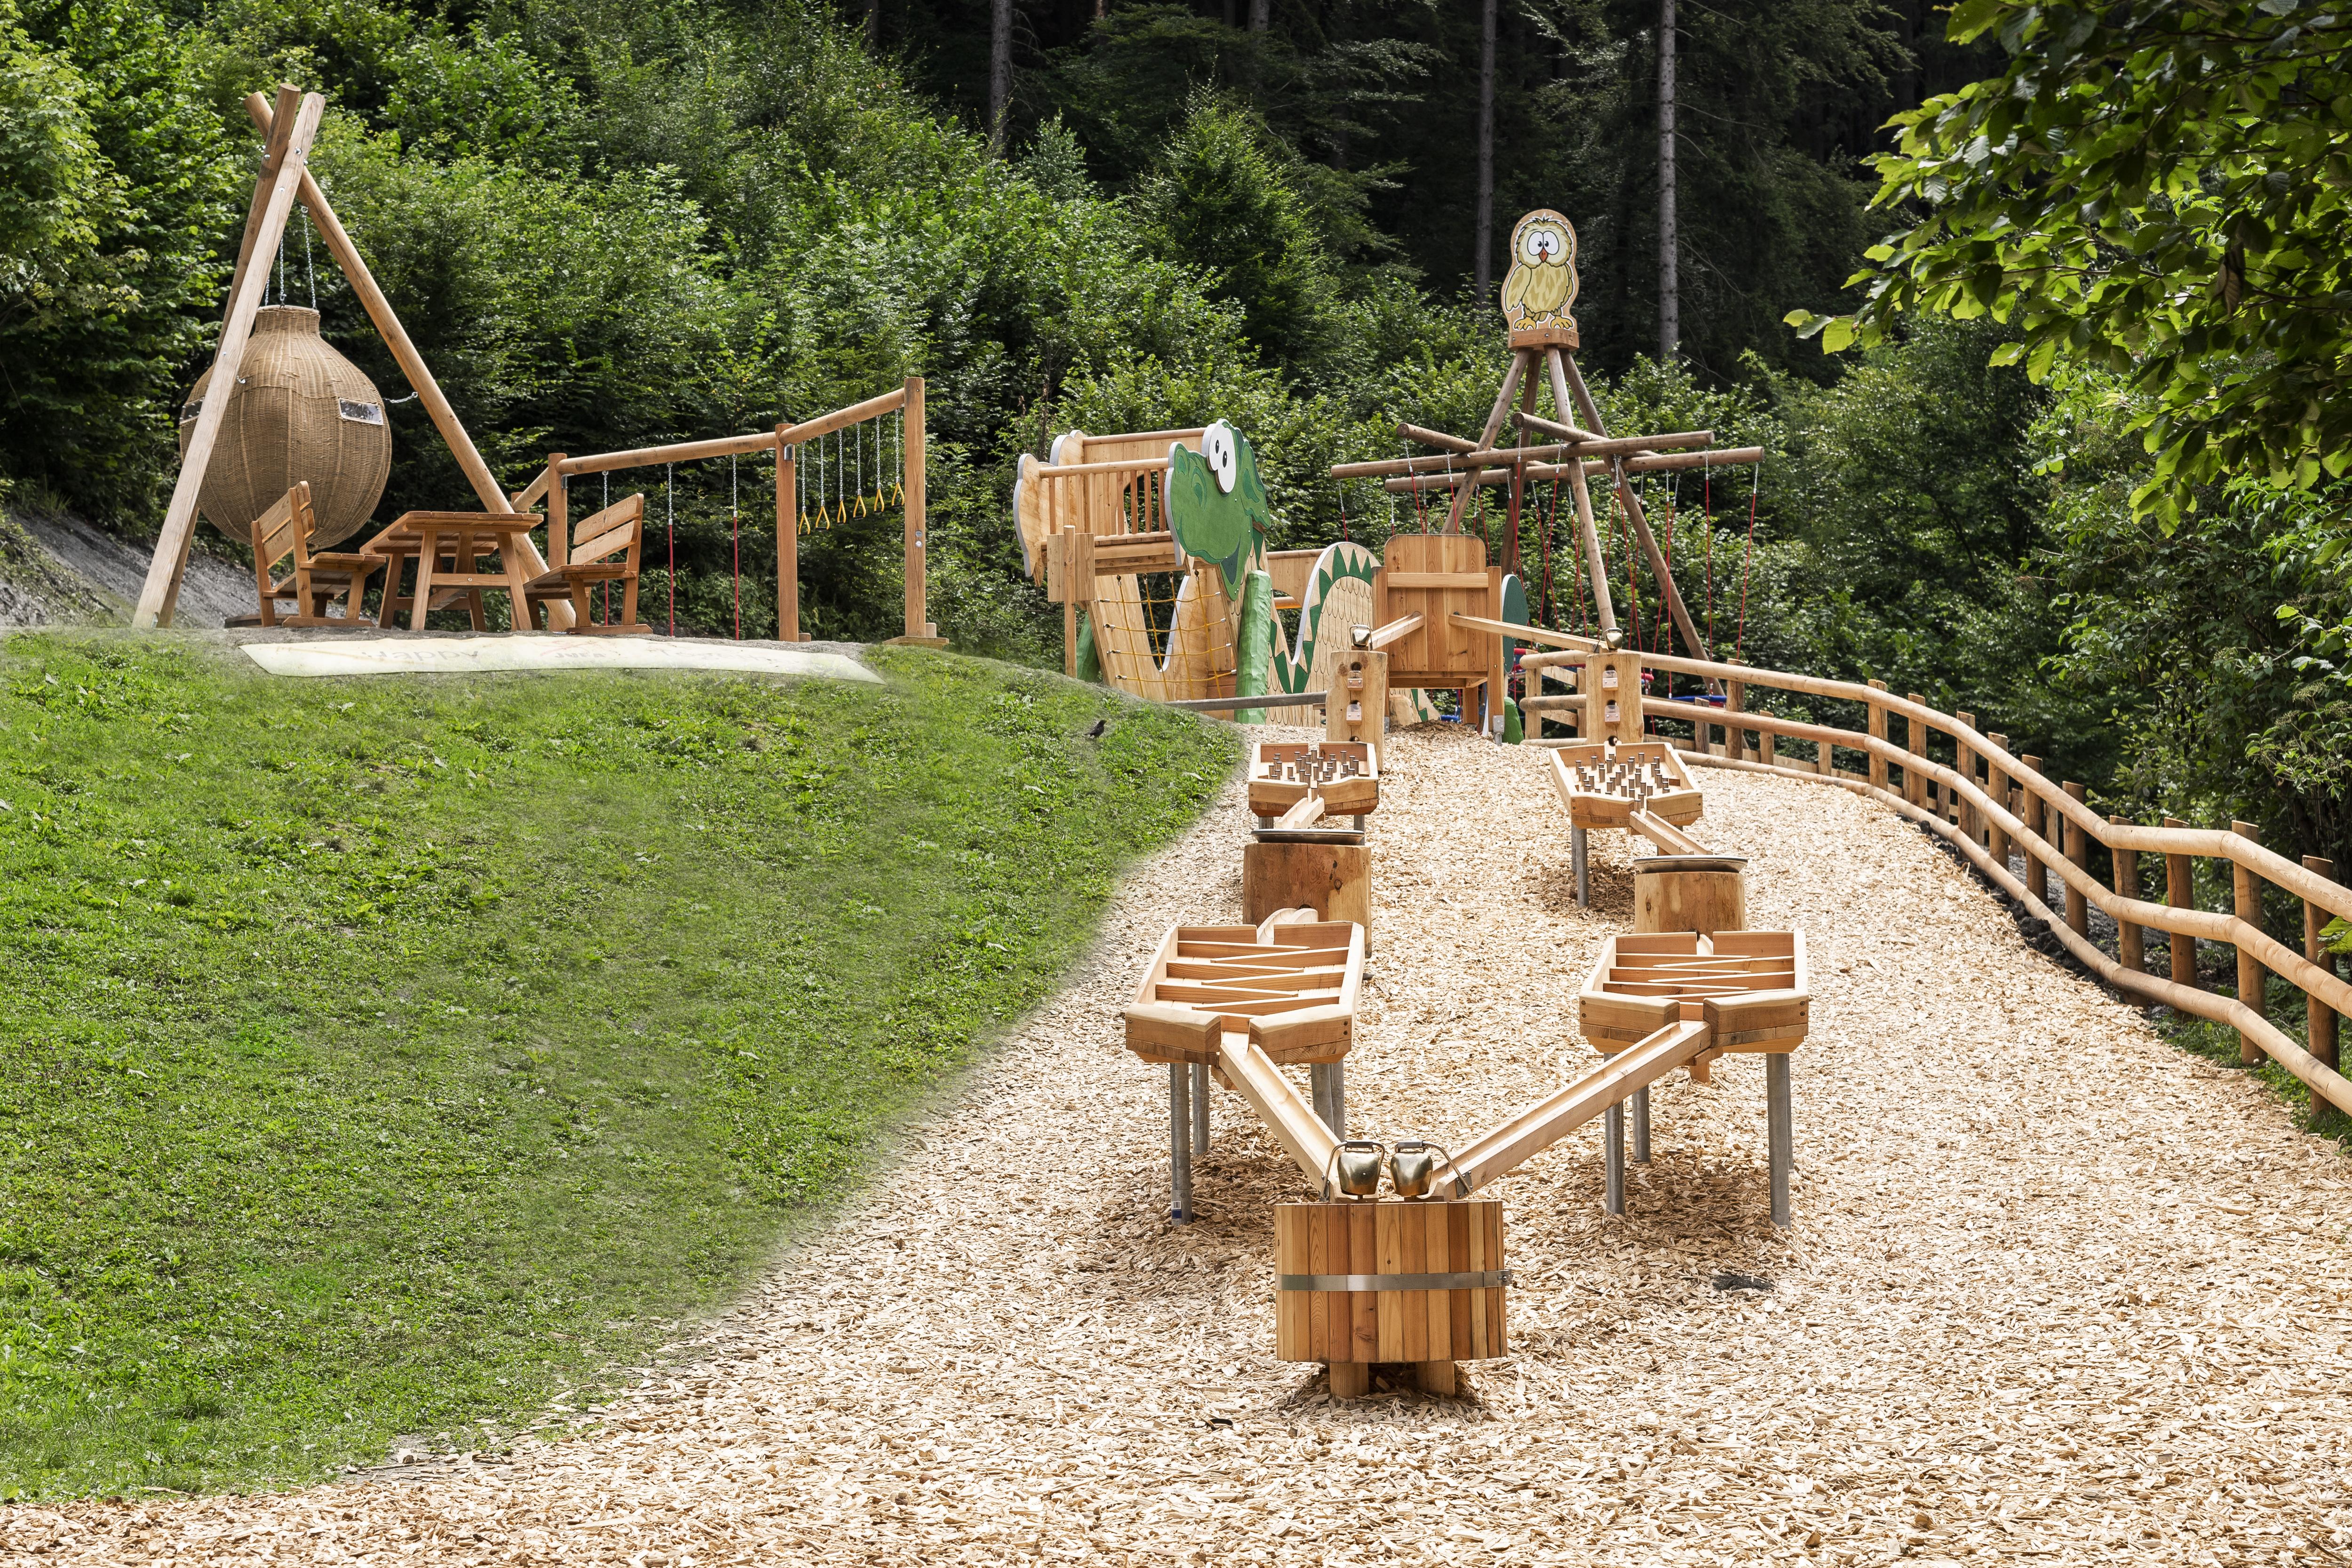 Sie sehen die Holzkugelbahn von Ridors Naturerlebnis-Spielplatz am JUFA Natur-Hotel Bruck im Sommer. JUFA Hotels bietet Ihnen den Ort für erlebnisreichen Natururlaub für die ganze Familie.